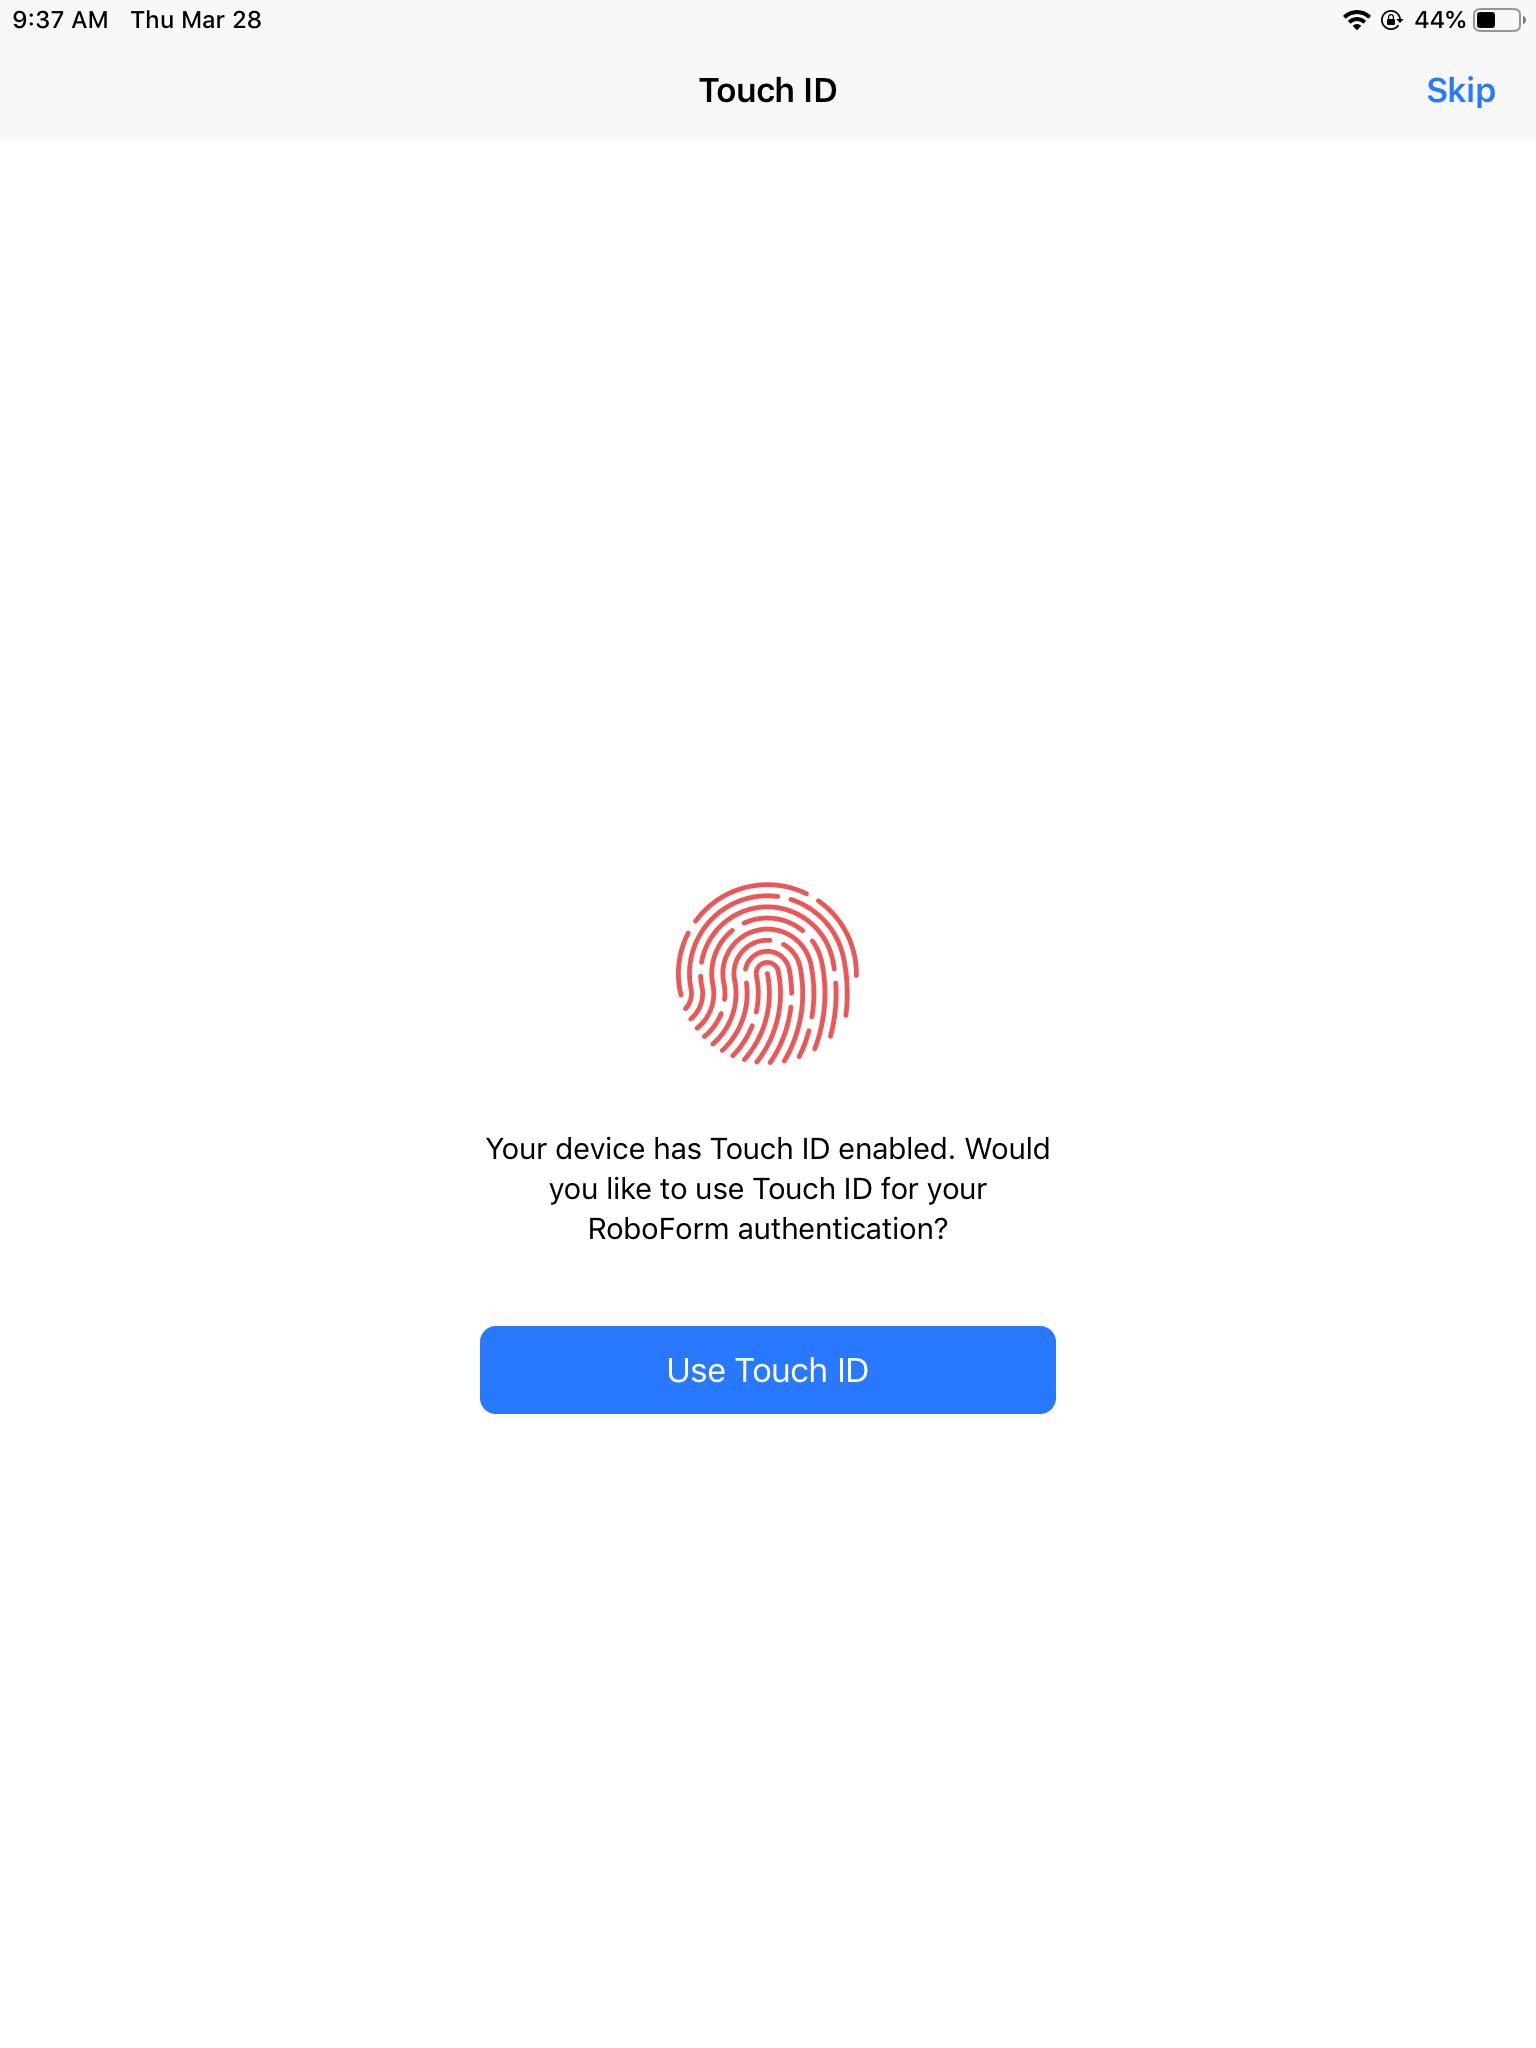 Installing RoboForm on iOS – RoboForm